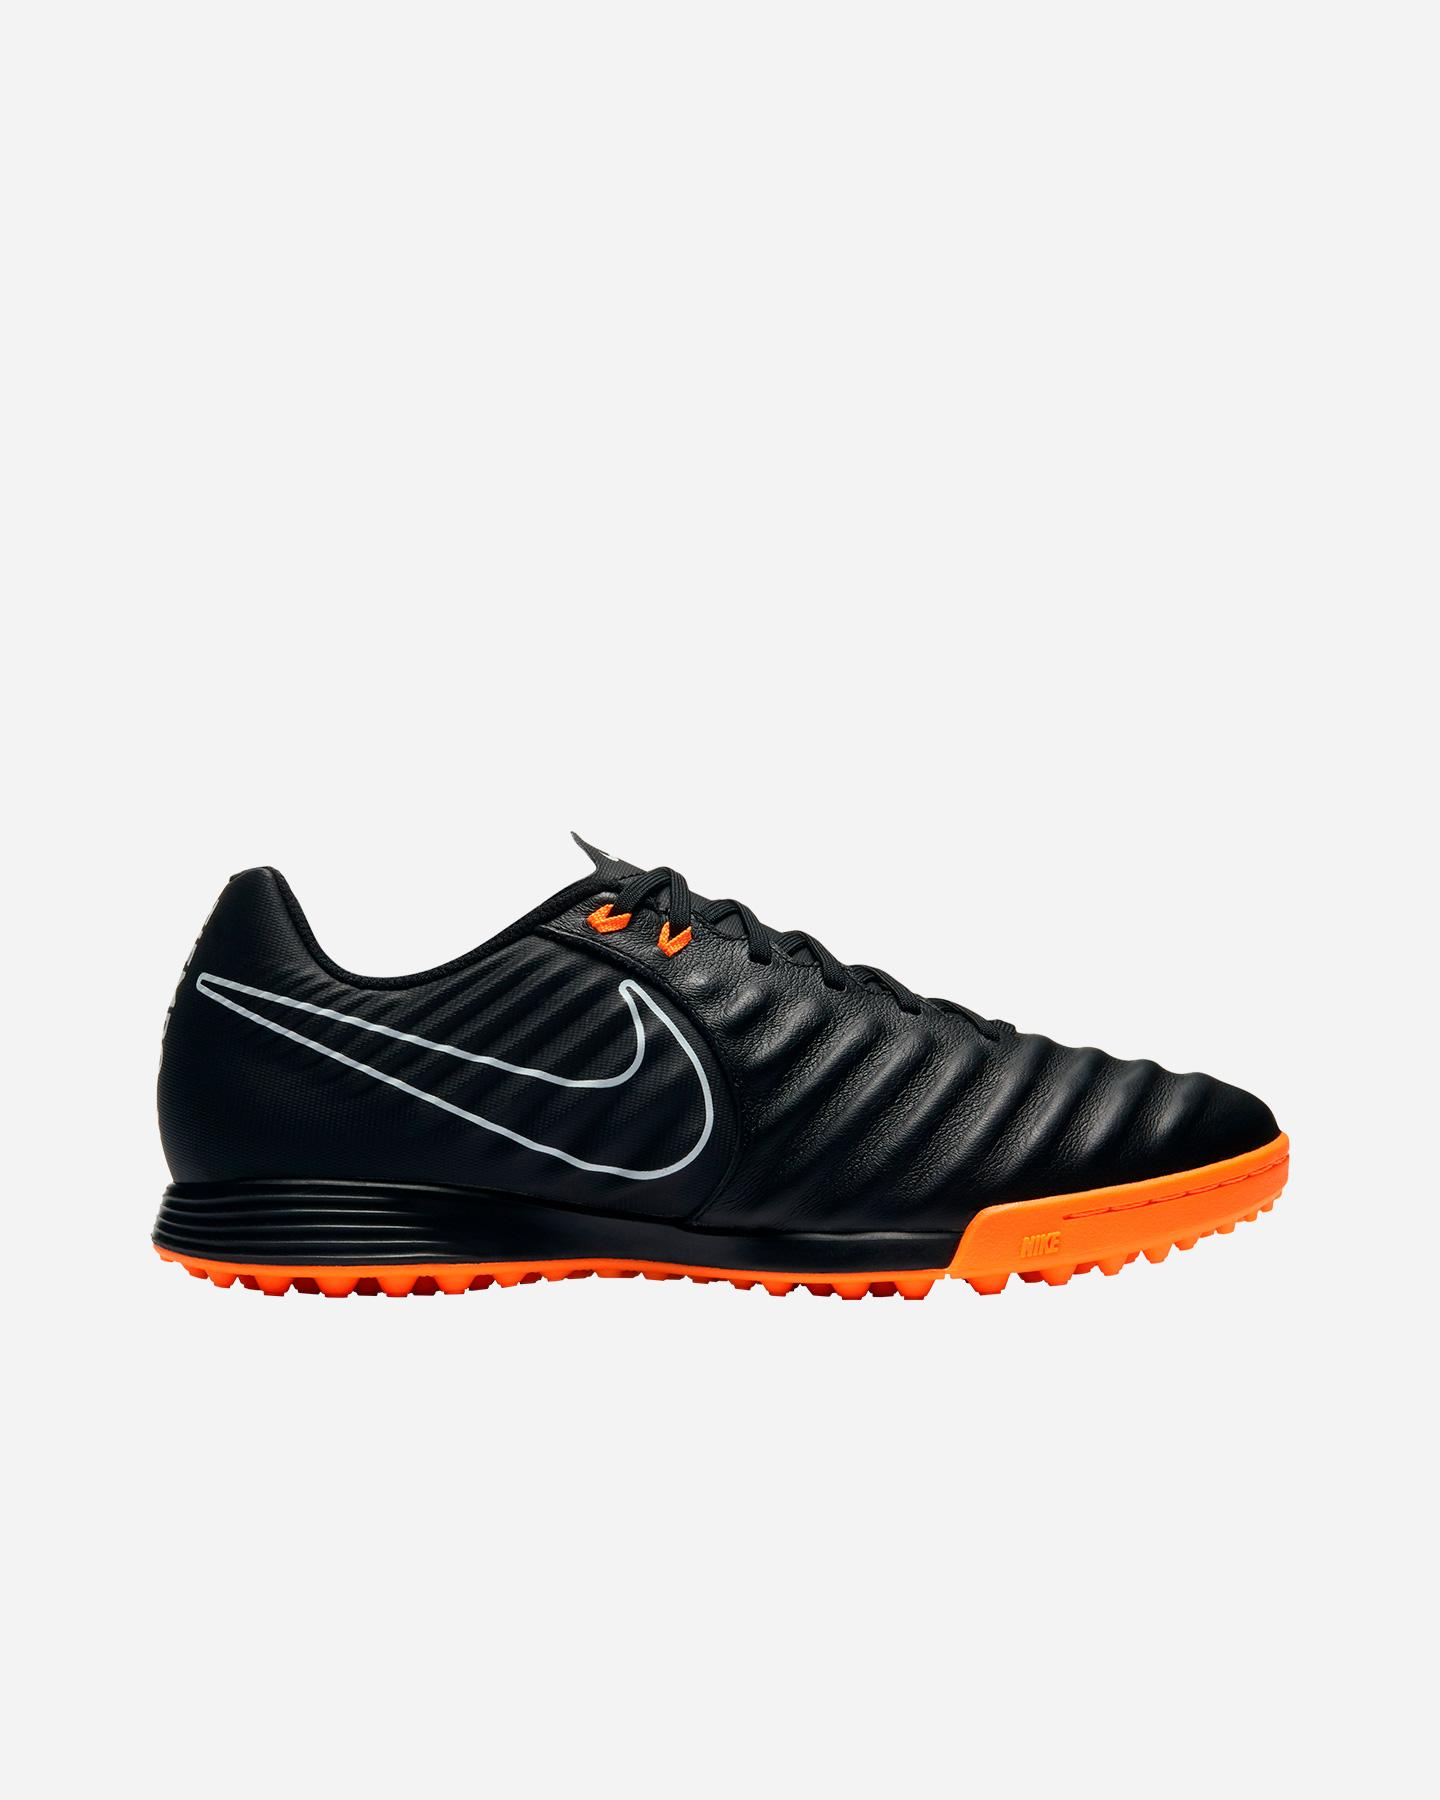 Nike Tiempox Legend Legend Tiempox Vii Academy Tf M AH7243 080   Scarpe Calcio su   713c13